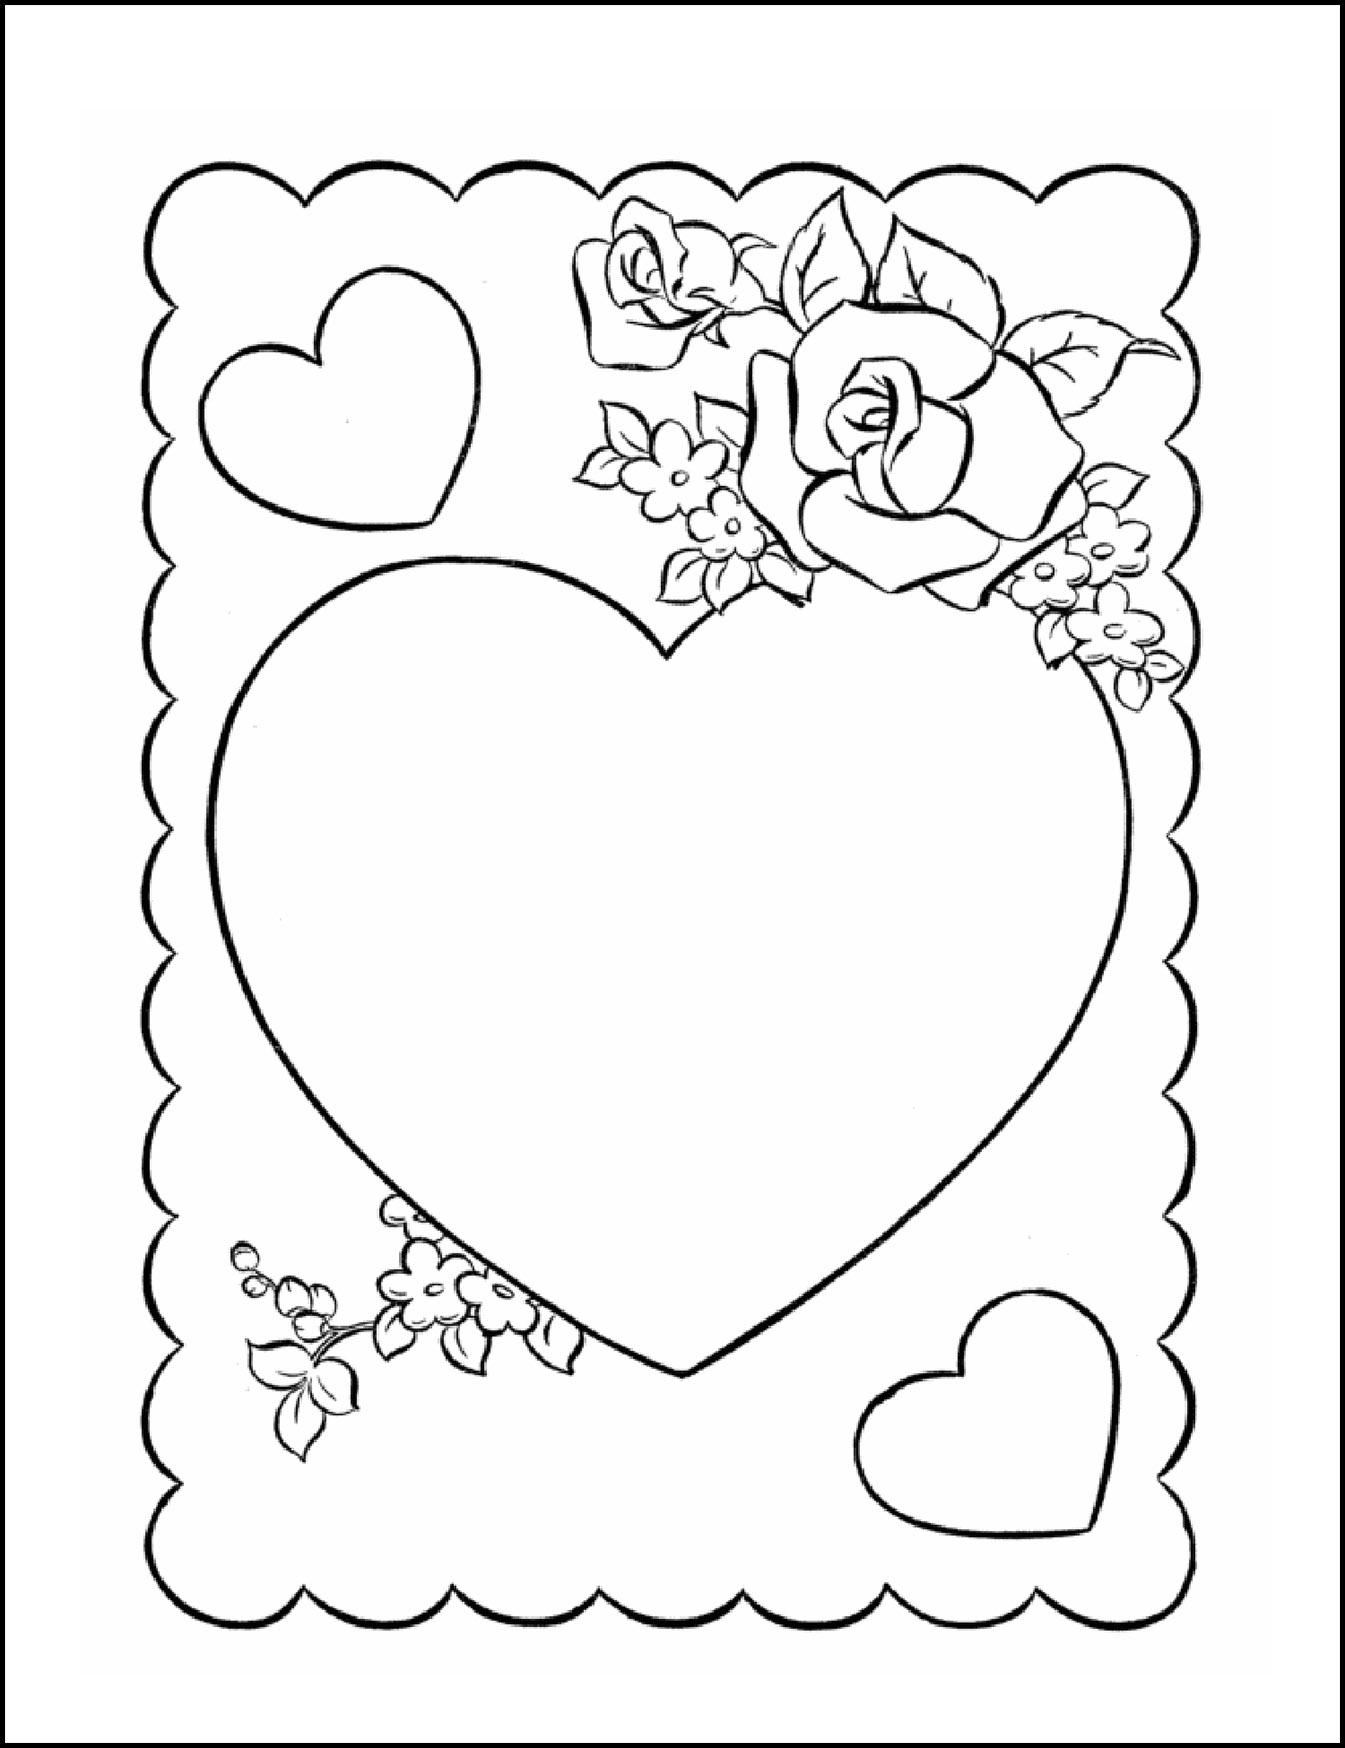 Раскраска открытка на день влюбленных